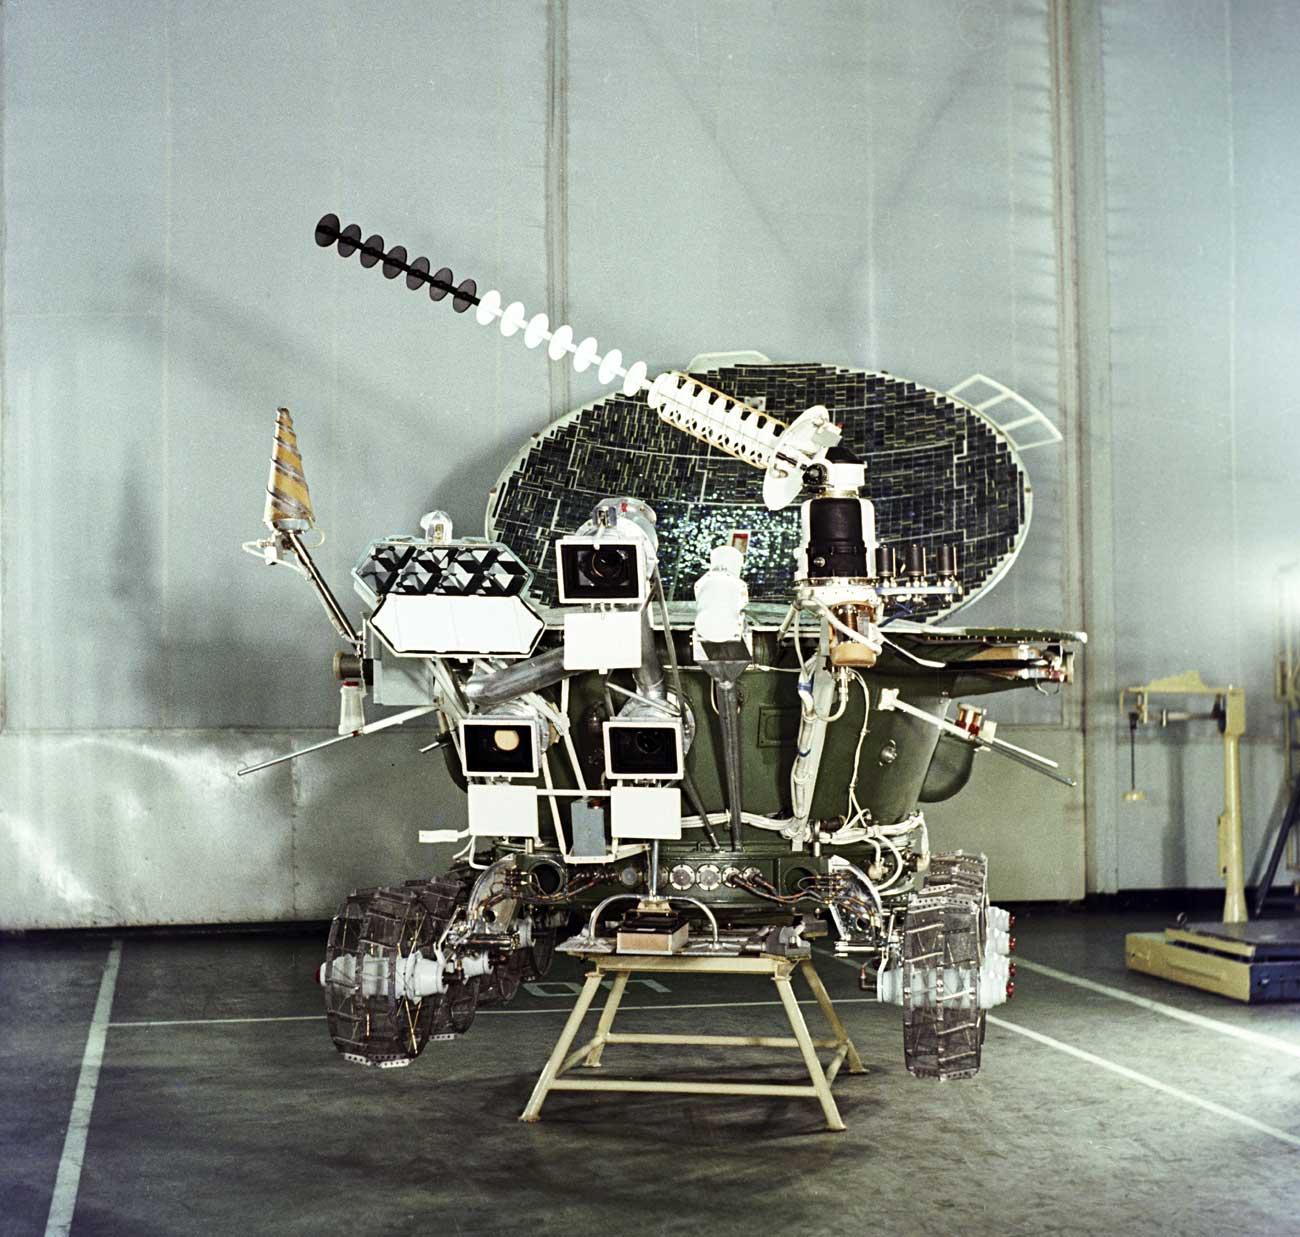 Lunojod-2,llegó a la Luna el 15 de enero de 1973. Funcionó durante cuatro meses y medio, pero cayó tierra de la Luna sobre su panel solar y las baterías del aparto dejaron de recargarse.\n